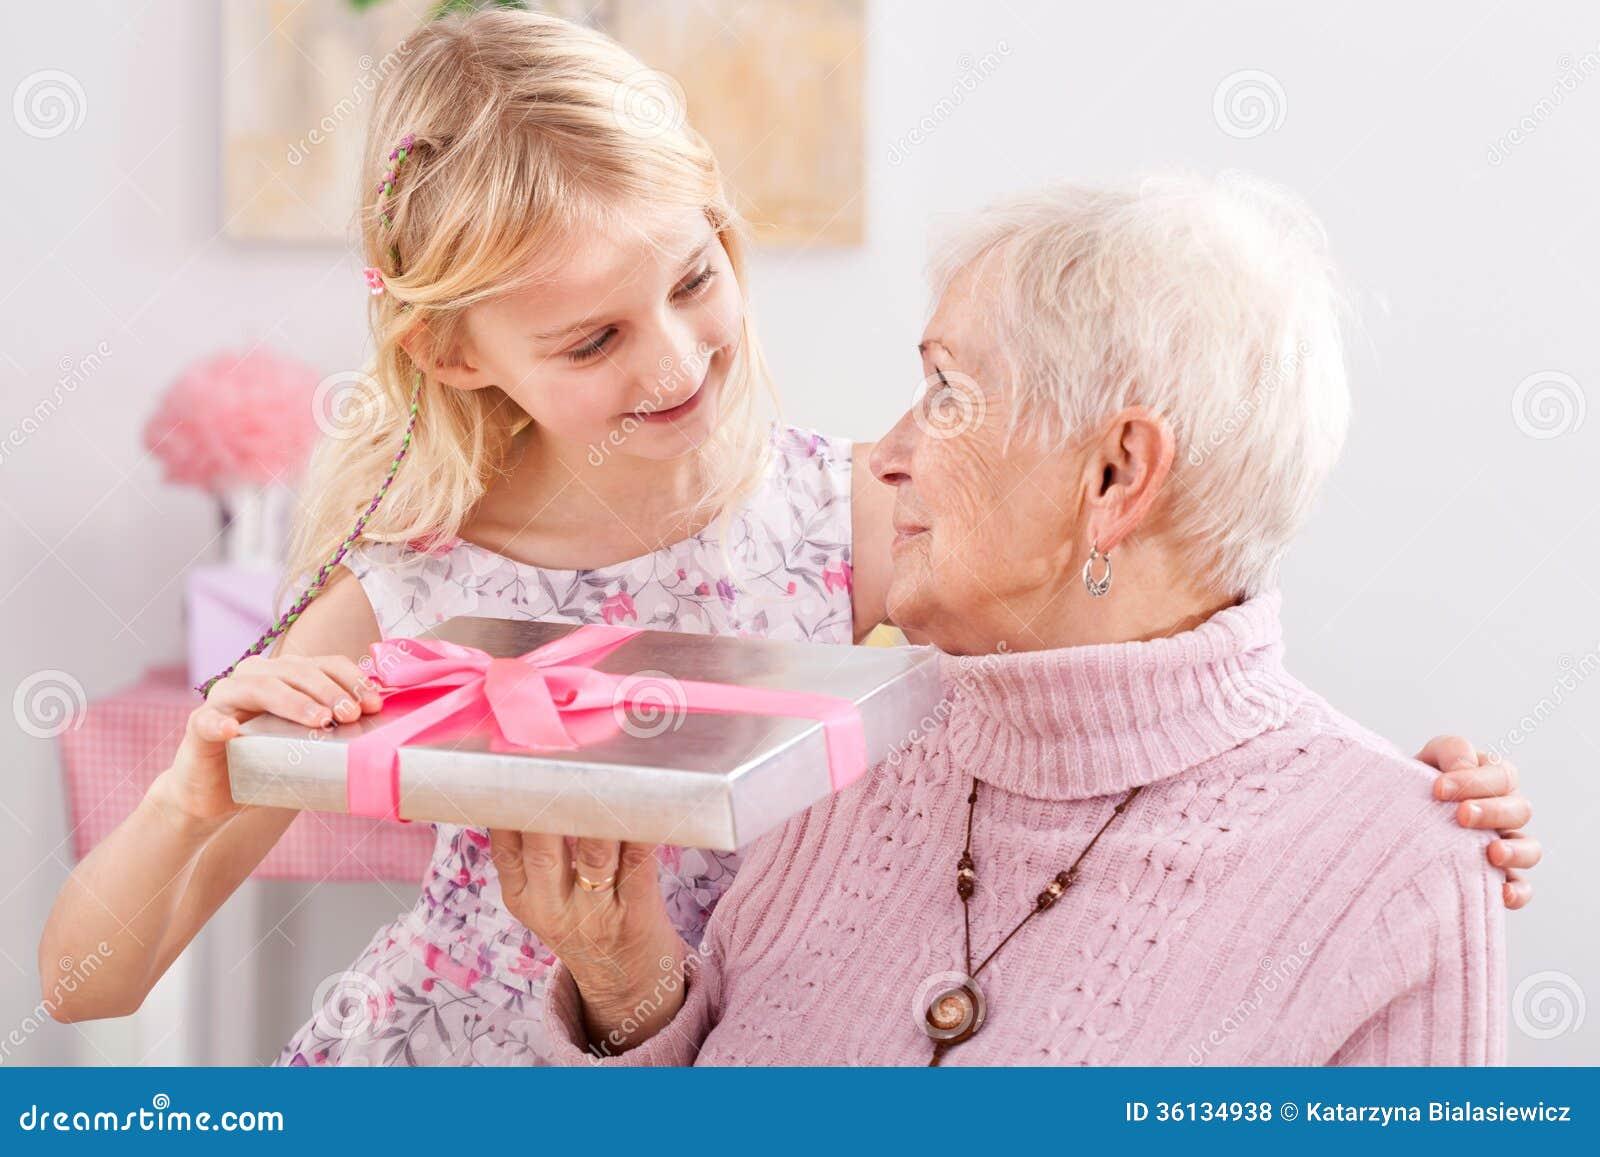 Geschenk für Großmutter stockfoto. Bild von familie, feier - 36134938